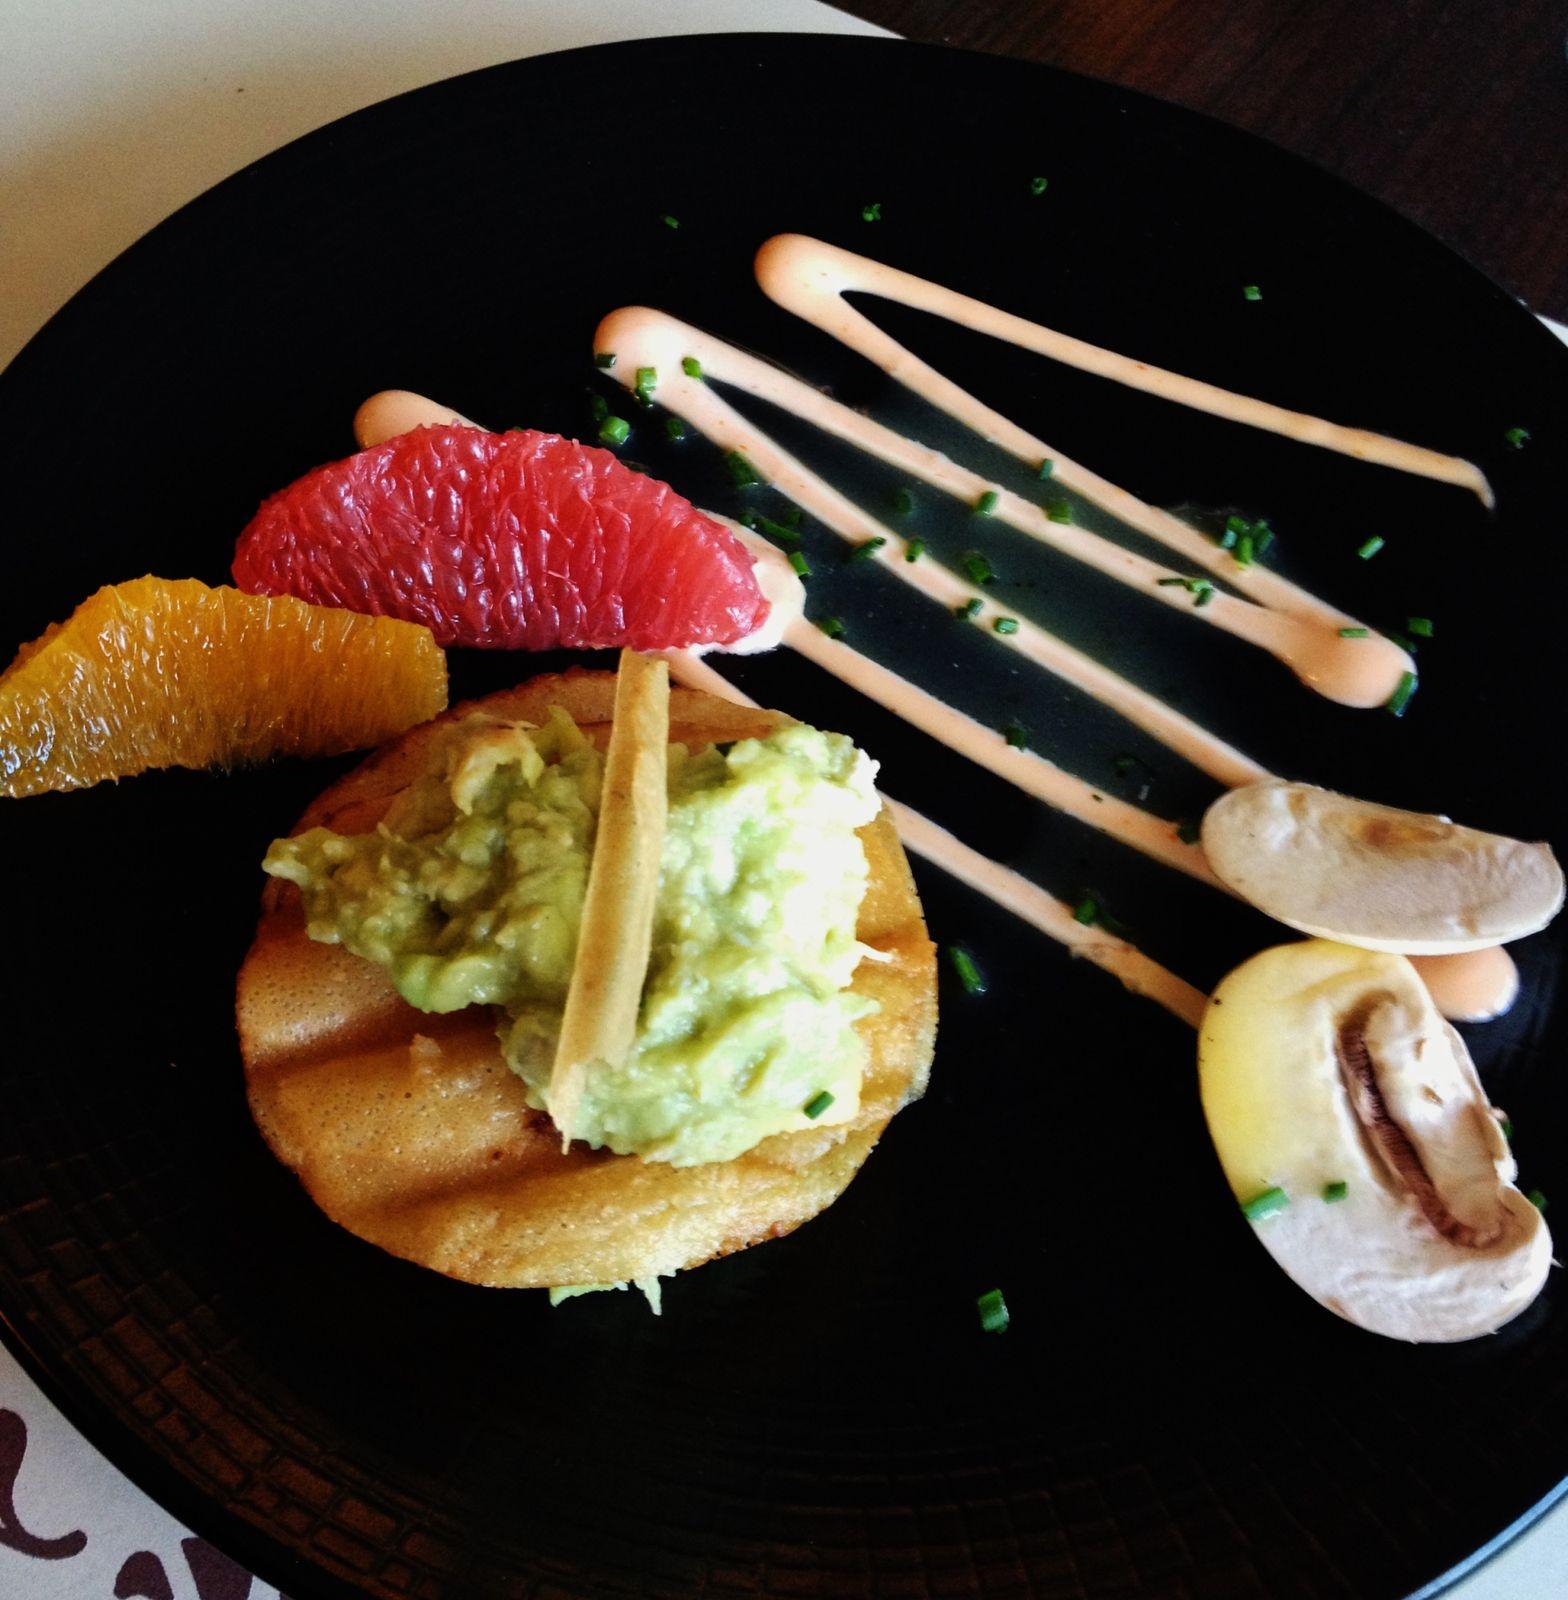 En entrée:Mille-feuilles d'émietté de crabe et de tartare d'avocat, vinaigrette à l'orange fraiche. C'est fin, ça se mange sans fin.